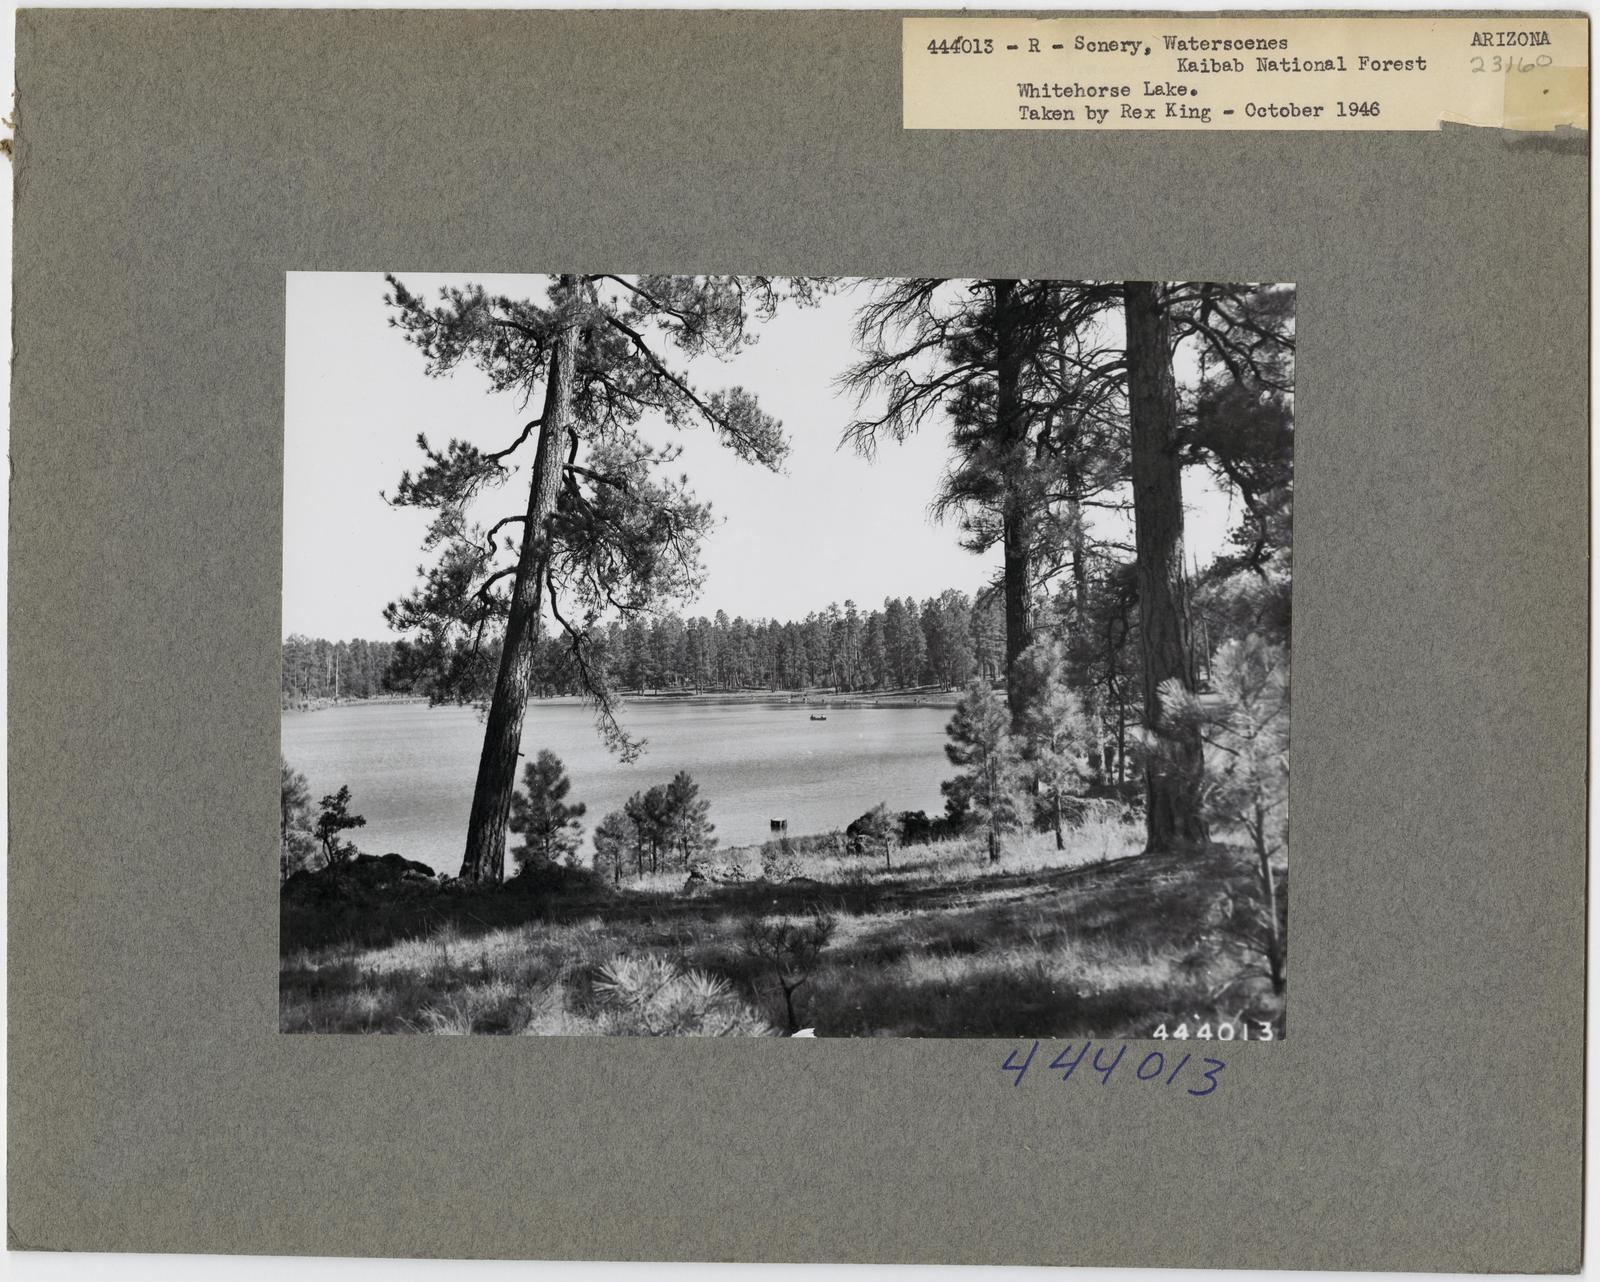 Lake Scenes - Arizona